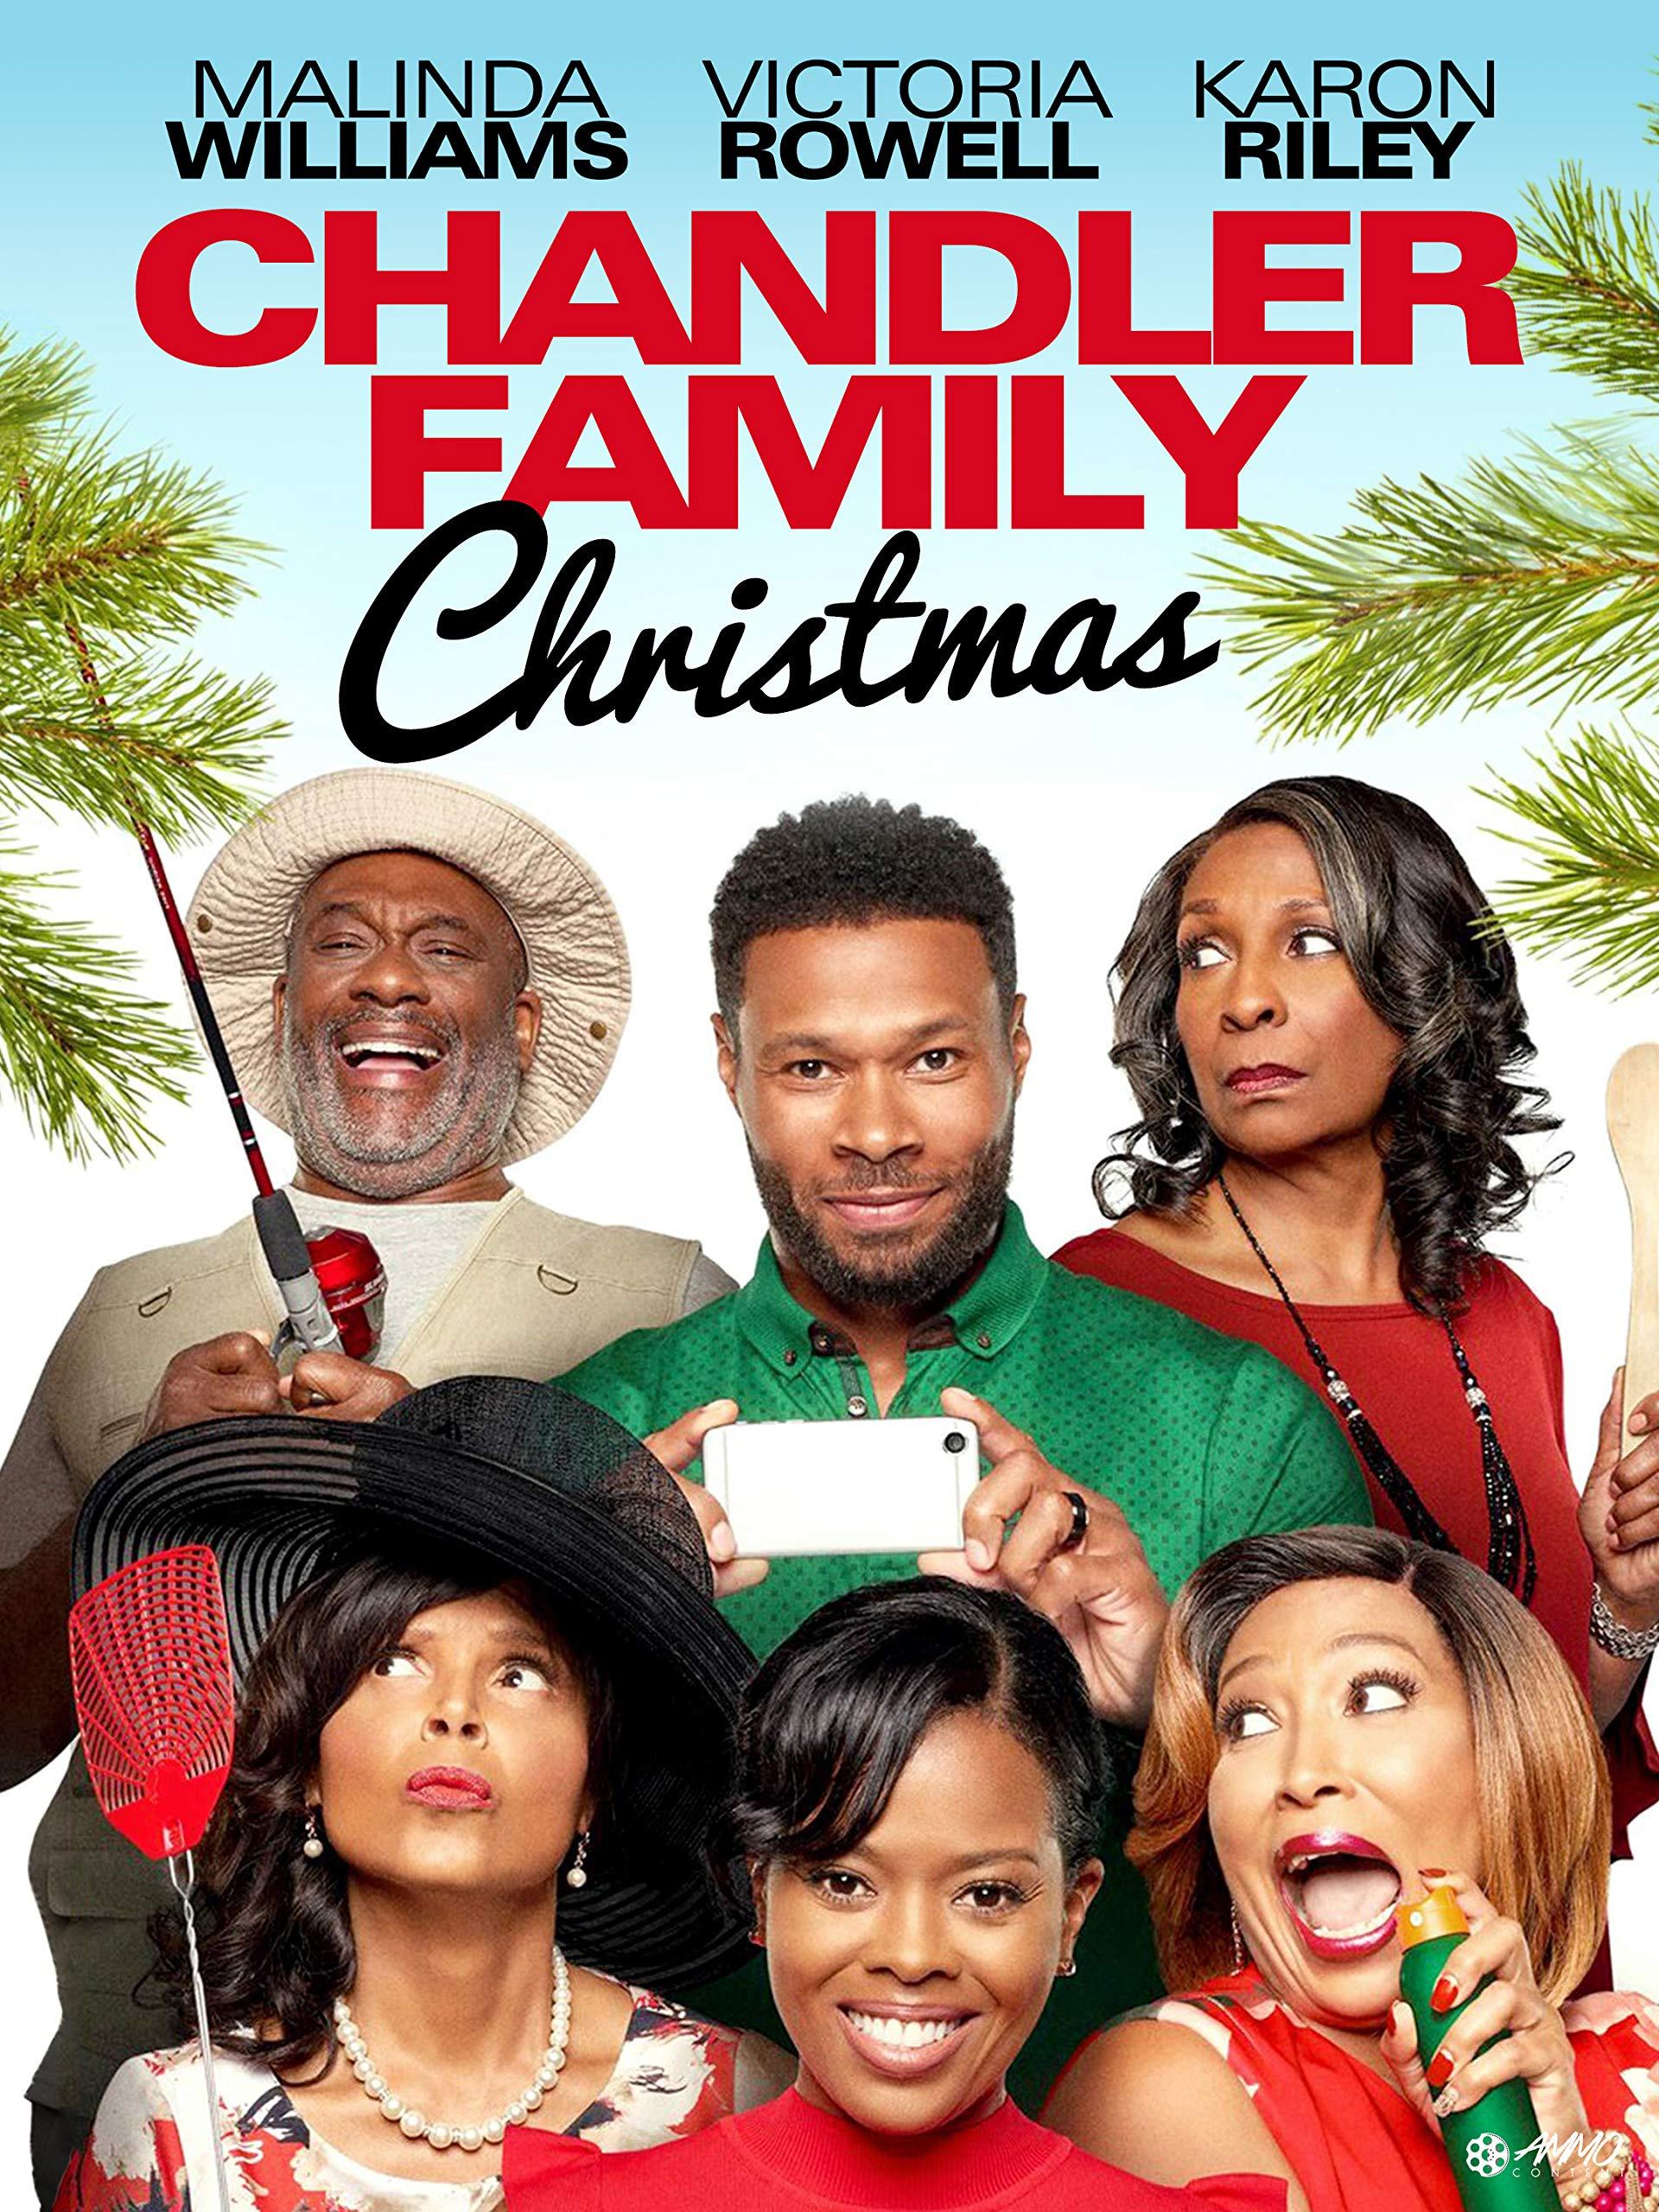 Chandler Family Christmas